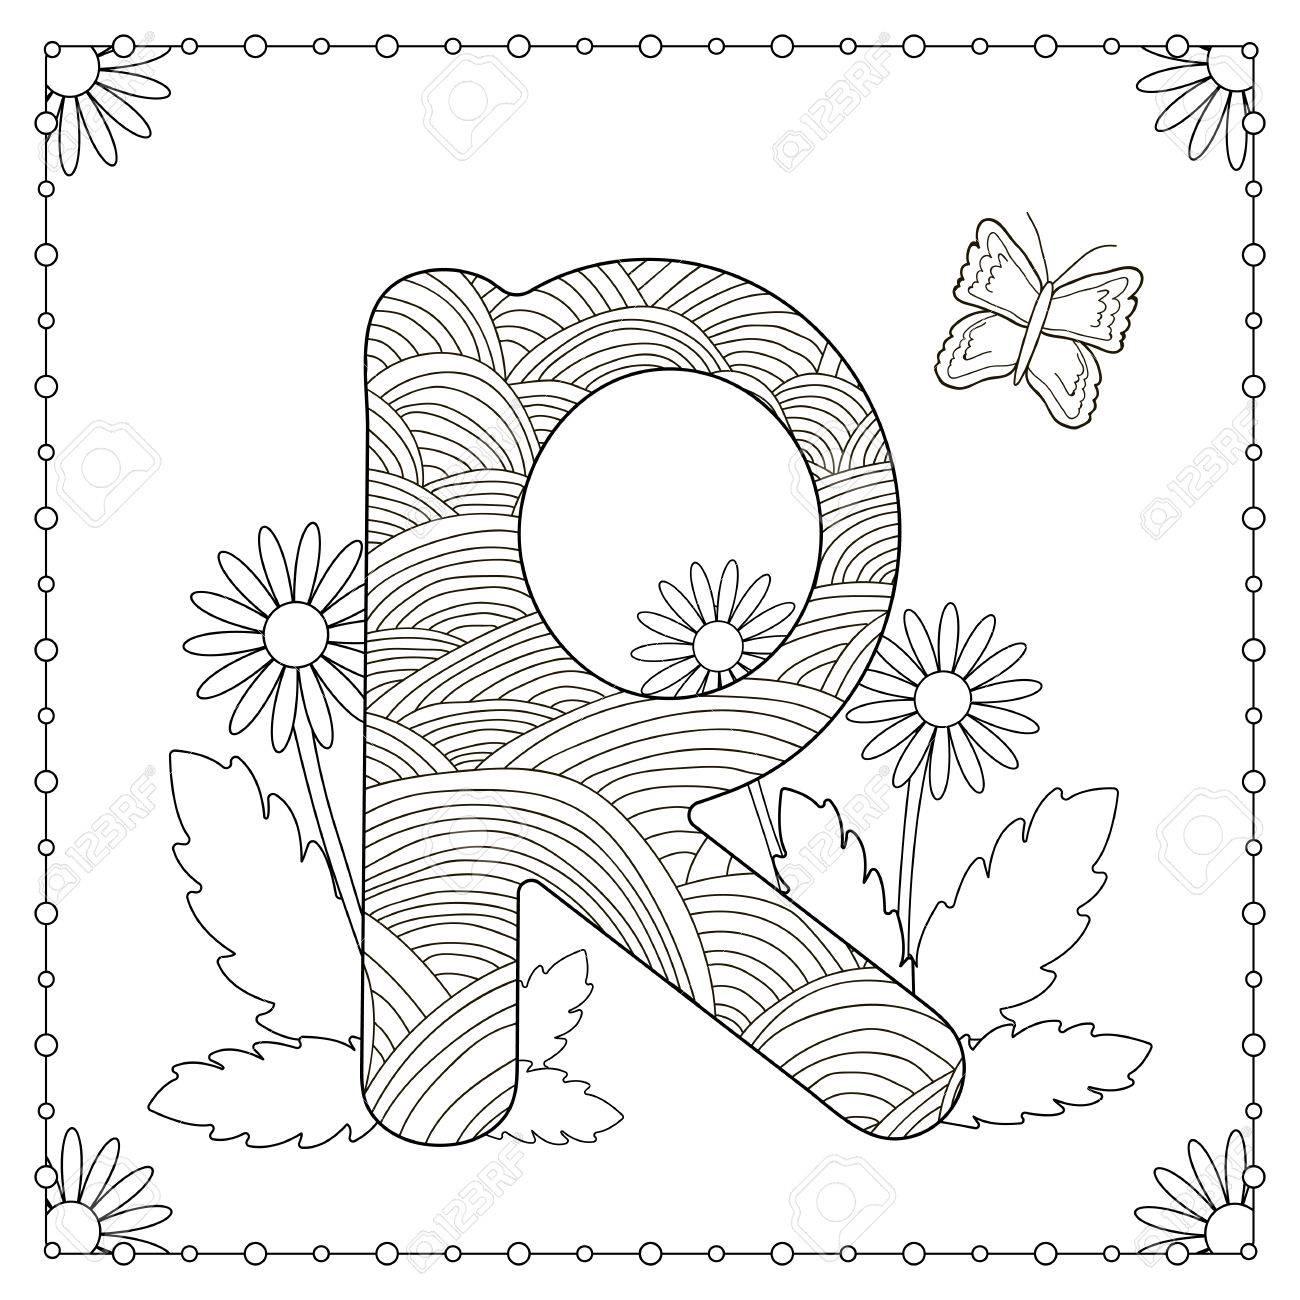 Alphabet Ausmalbilder Gro Buchstabe R Mit Blumen Bl Ttern Und